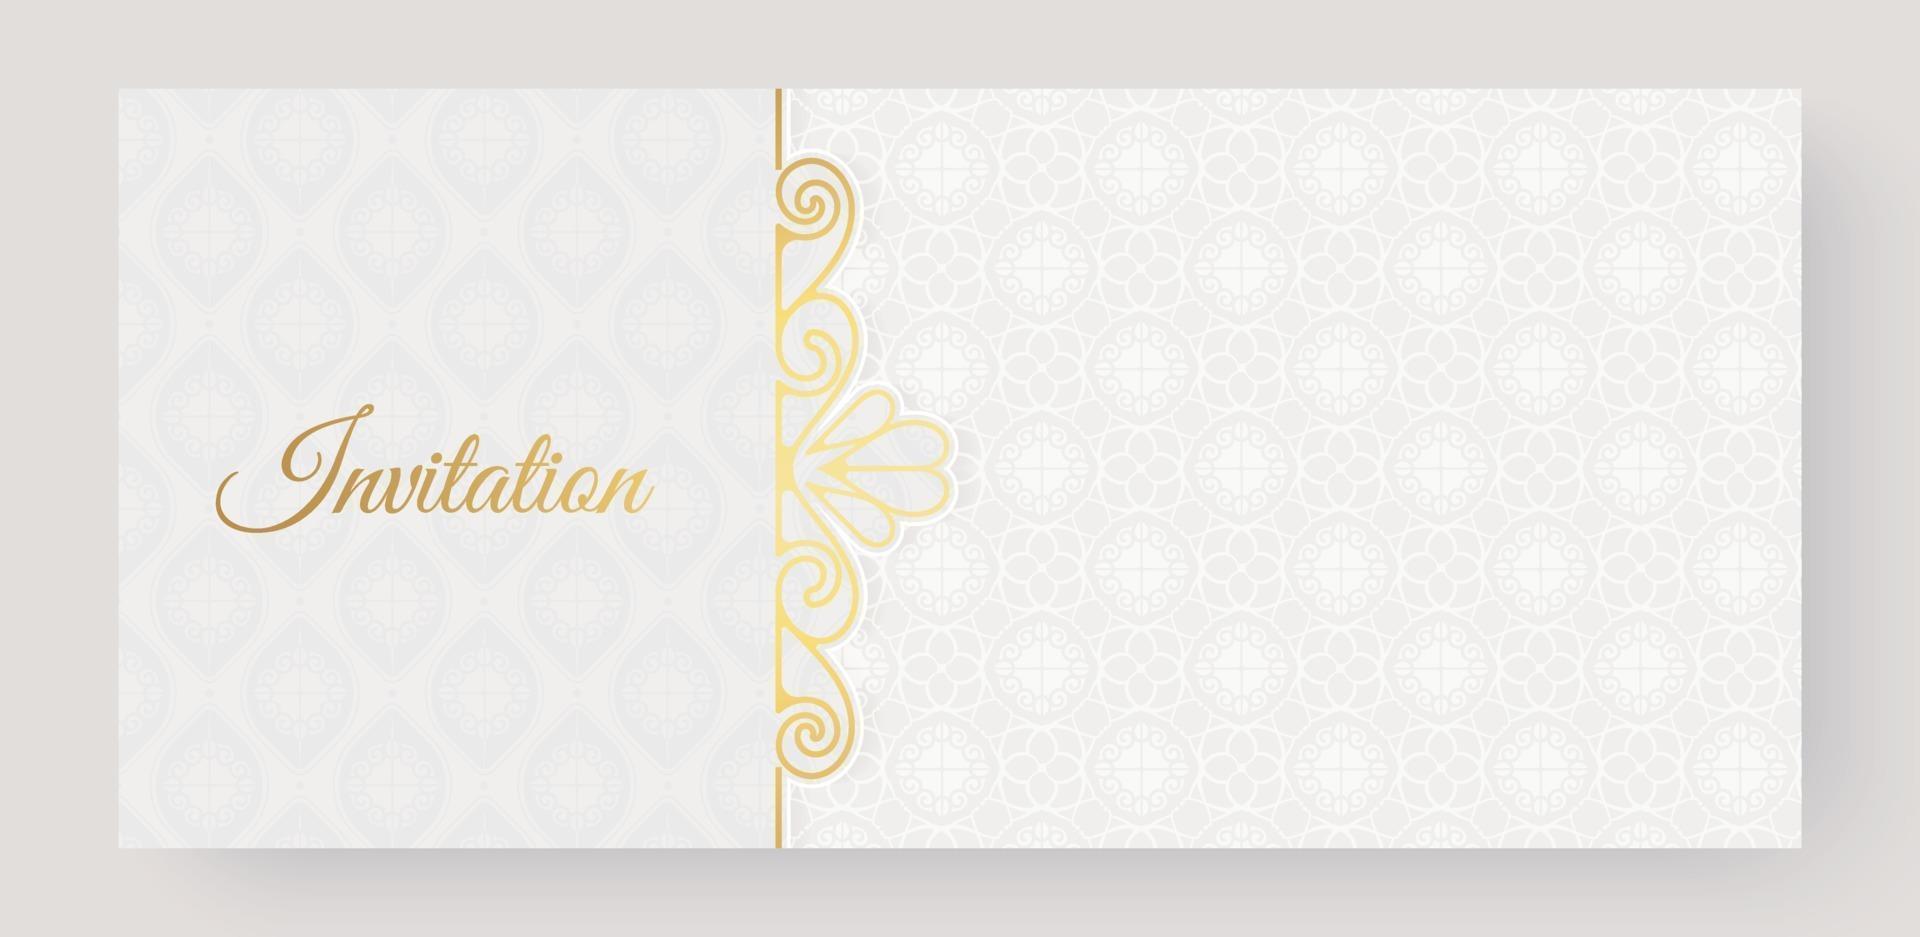 luxo convite branco fundo estilo ornamental padrão vetor